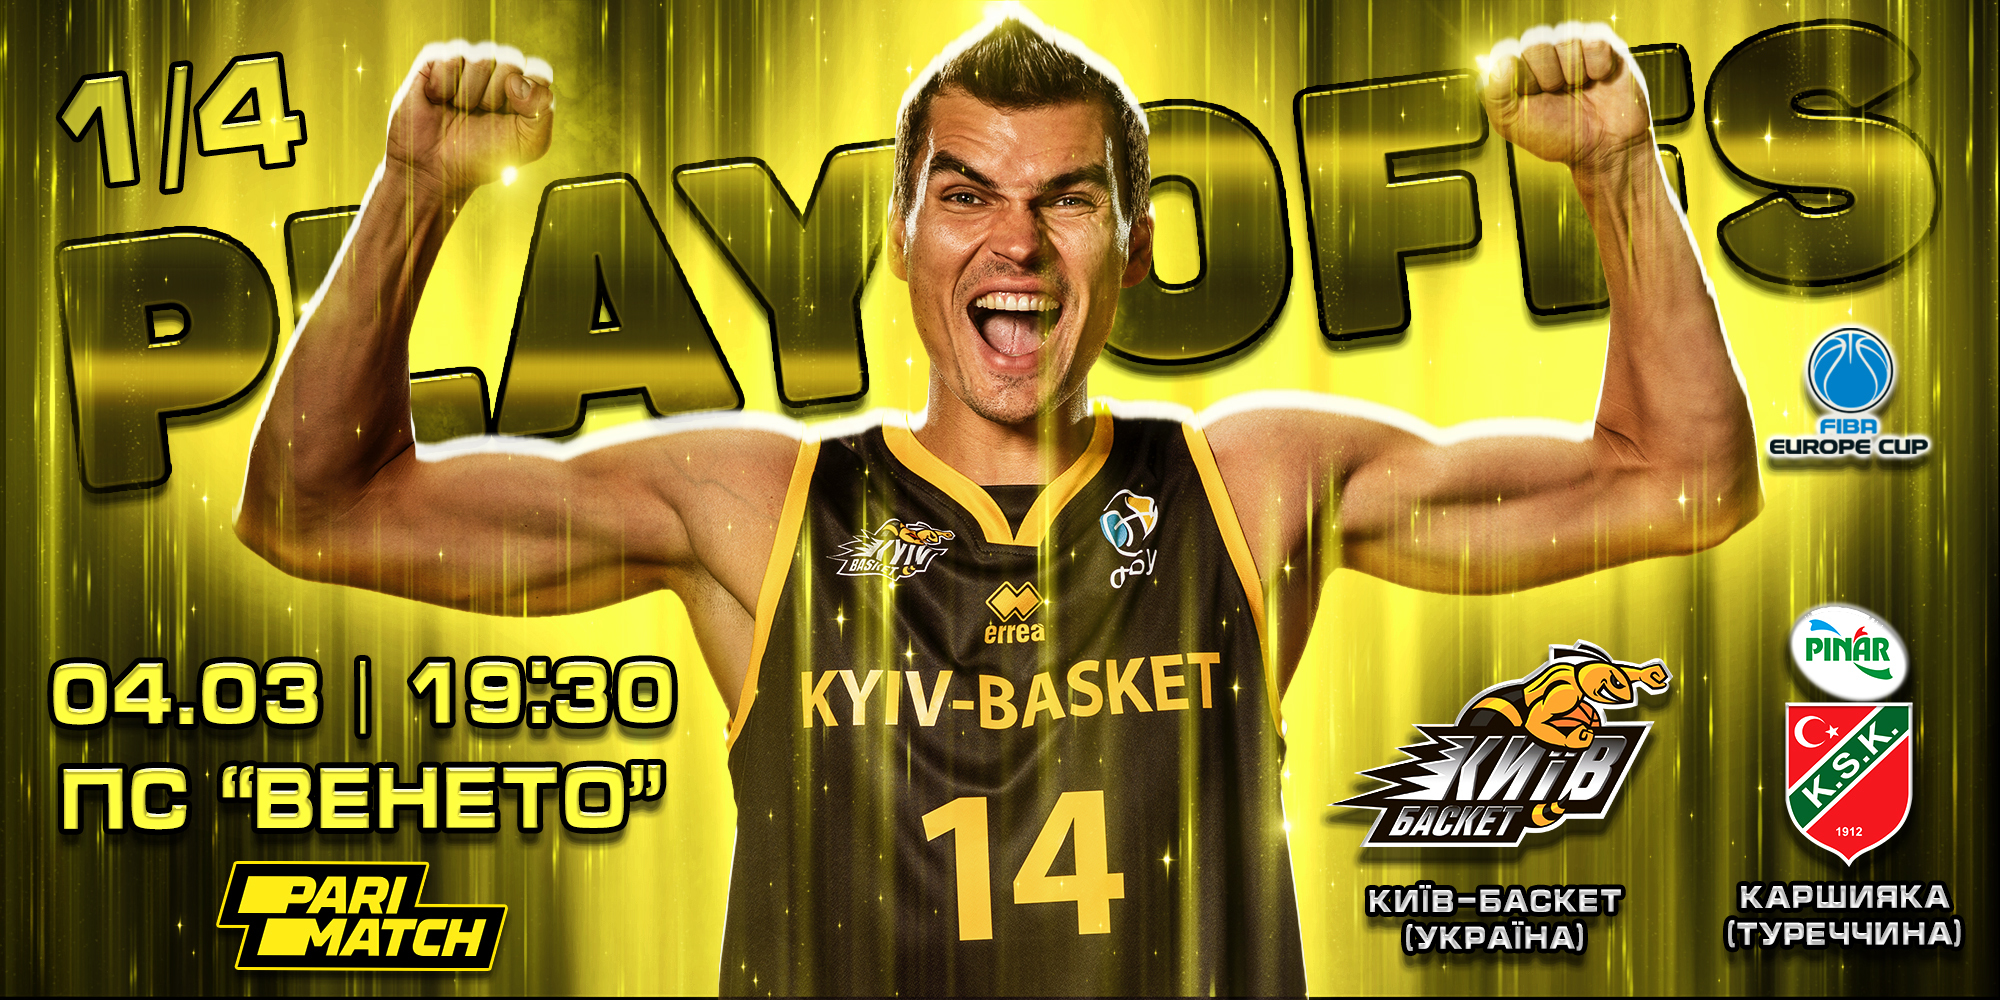 Найочікуваніша гра євросезону! Стали відомі дати та місце проведення матчів Київ-Баскета проти Каршияки